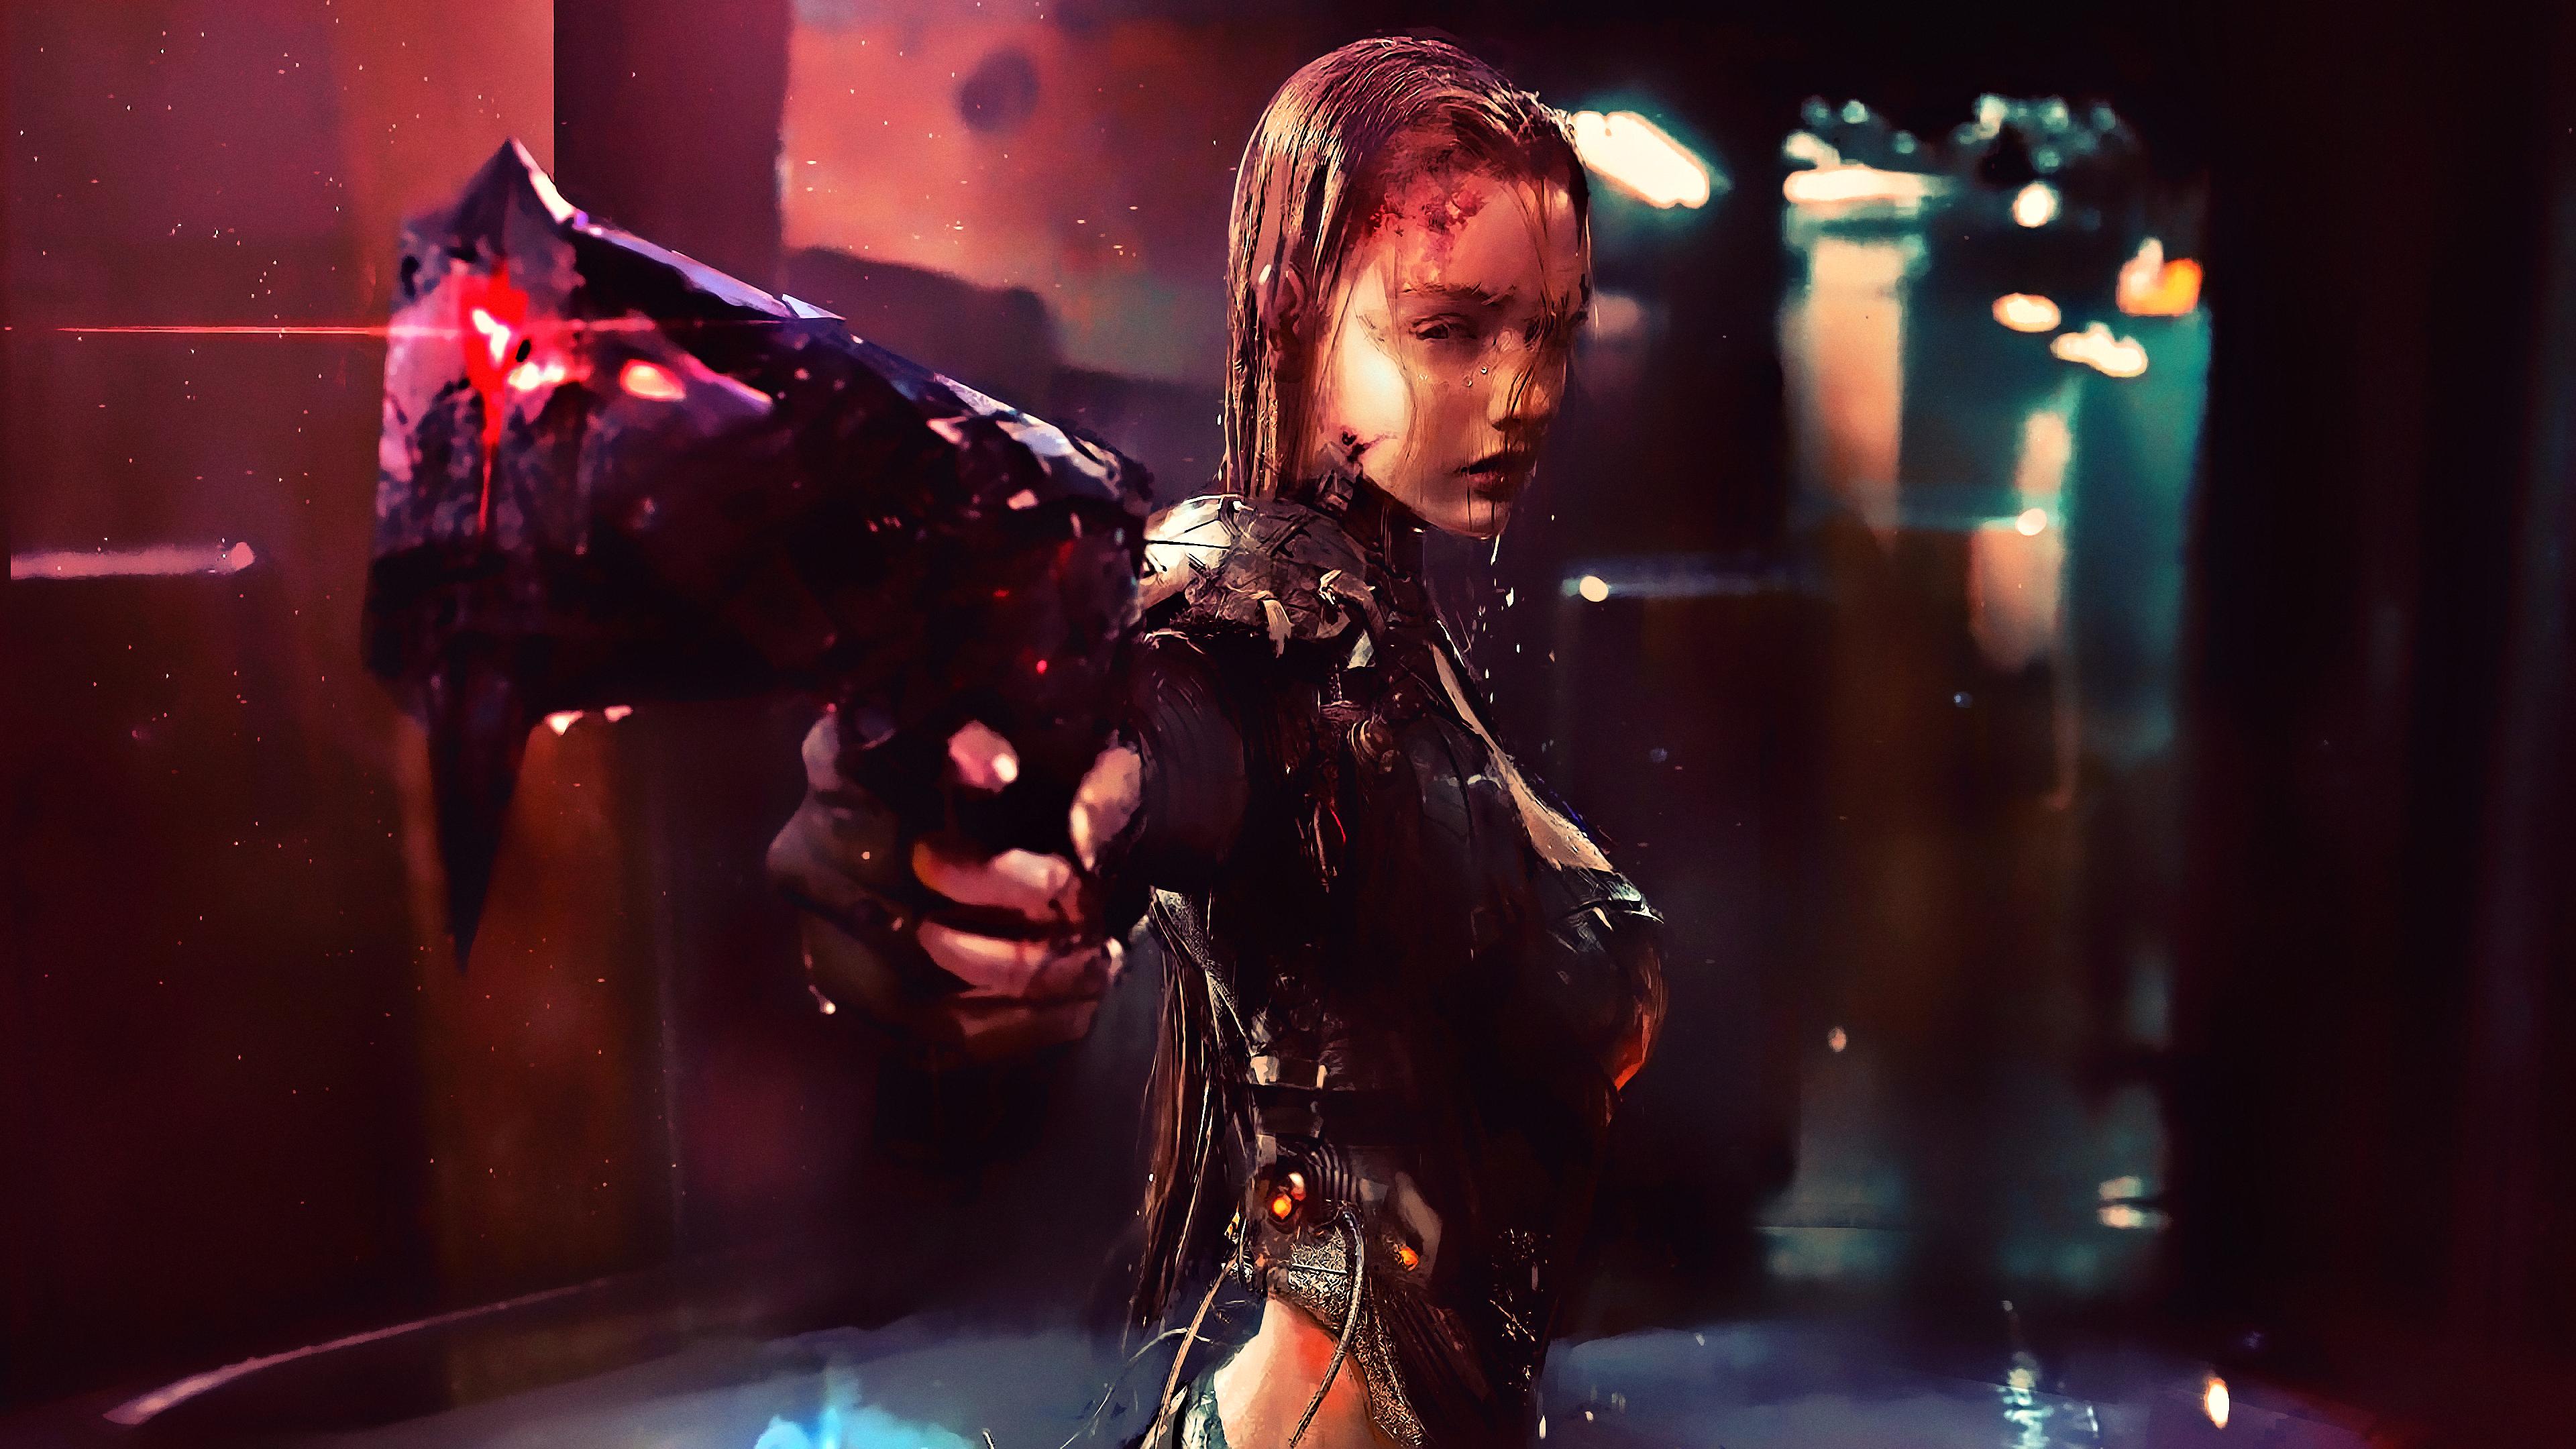 Девушка-воин в одежде из кожи с мокрыми волосами и оружием